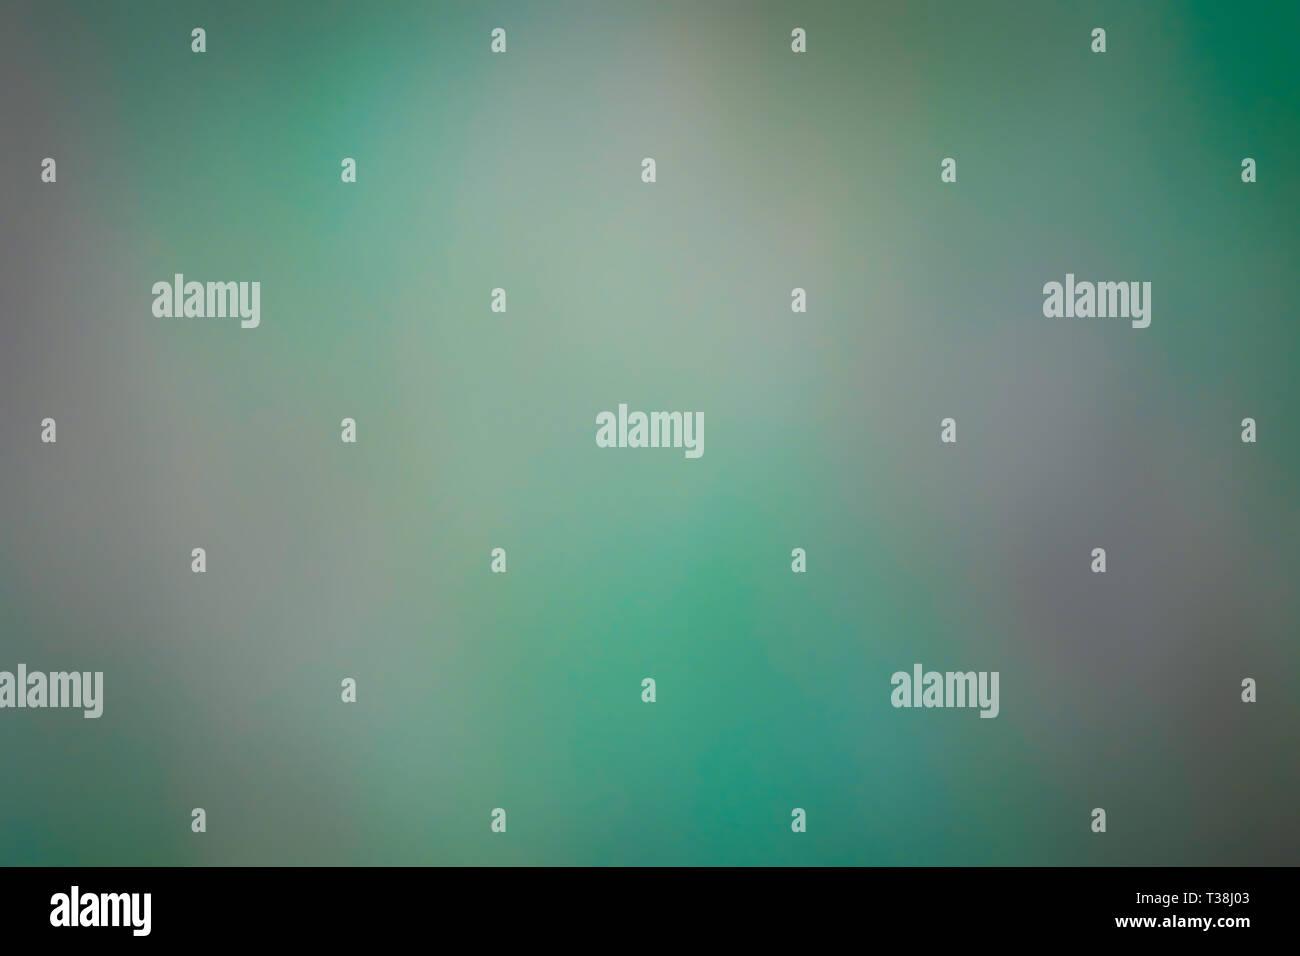 Illustrative Super blurry Grün Grau und Violett Hintergrund für einen Text in der Präsentation zu markieren. Stockbild